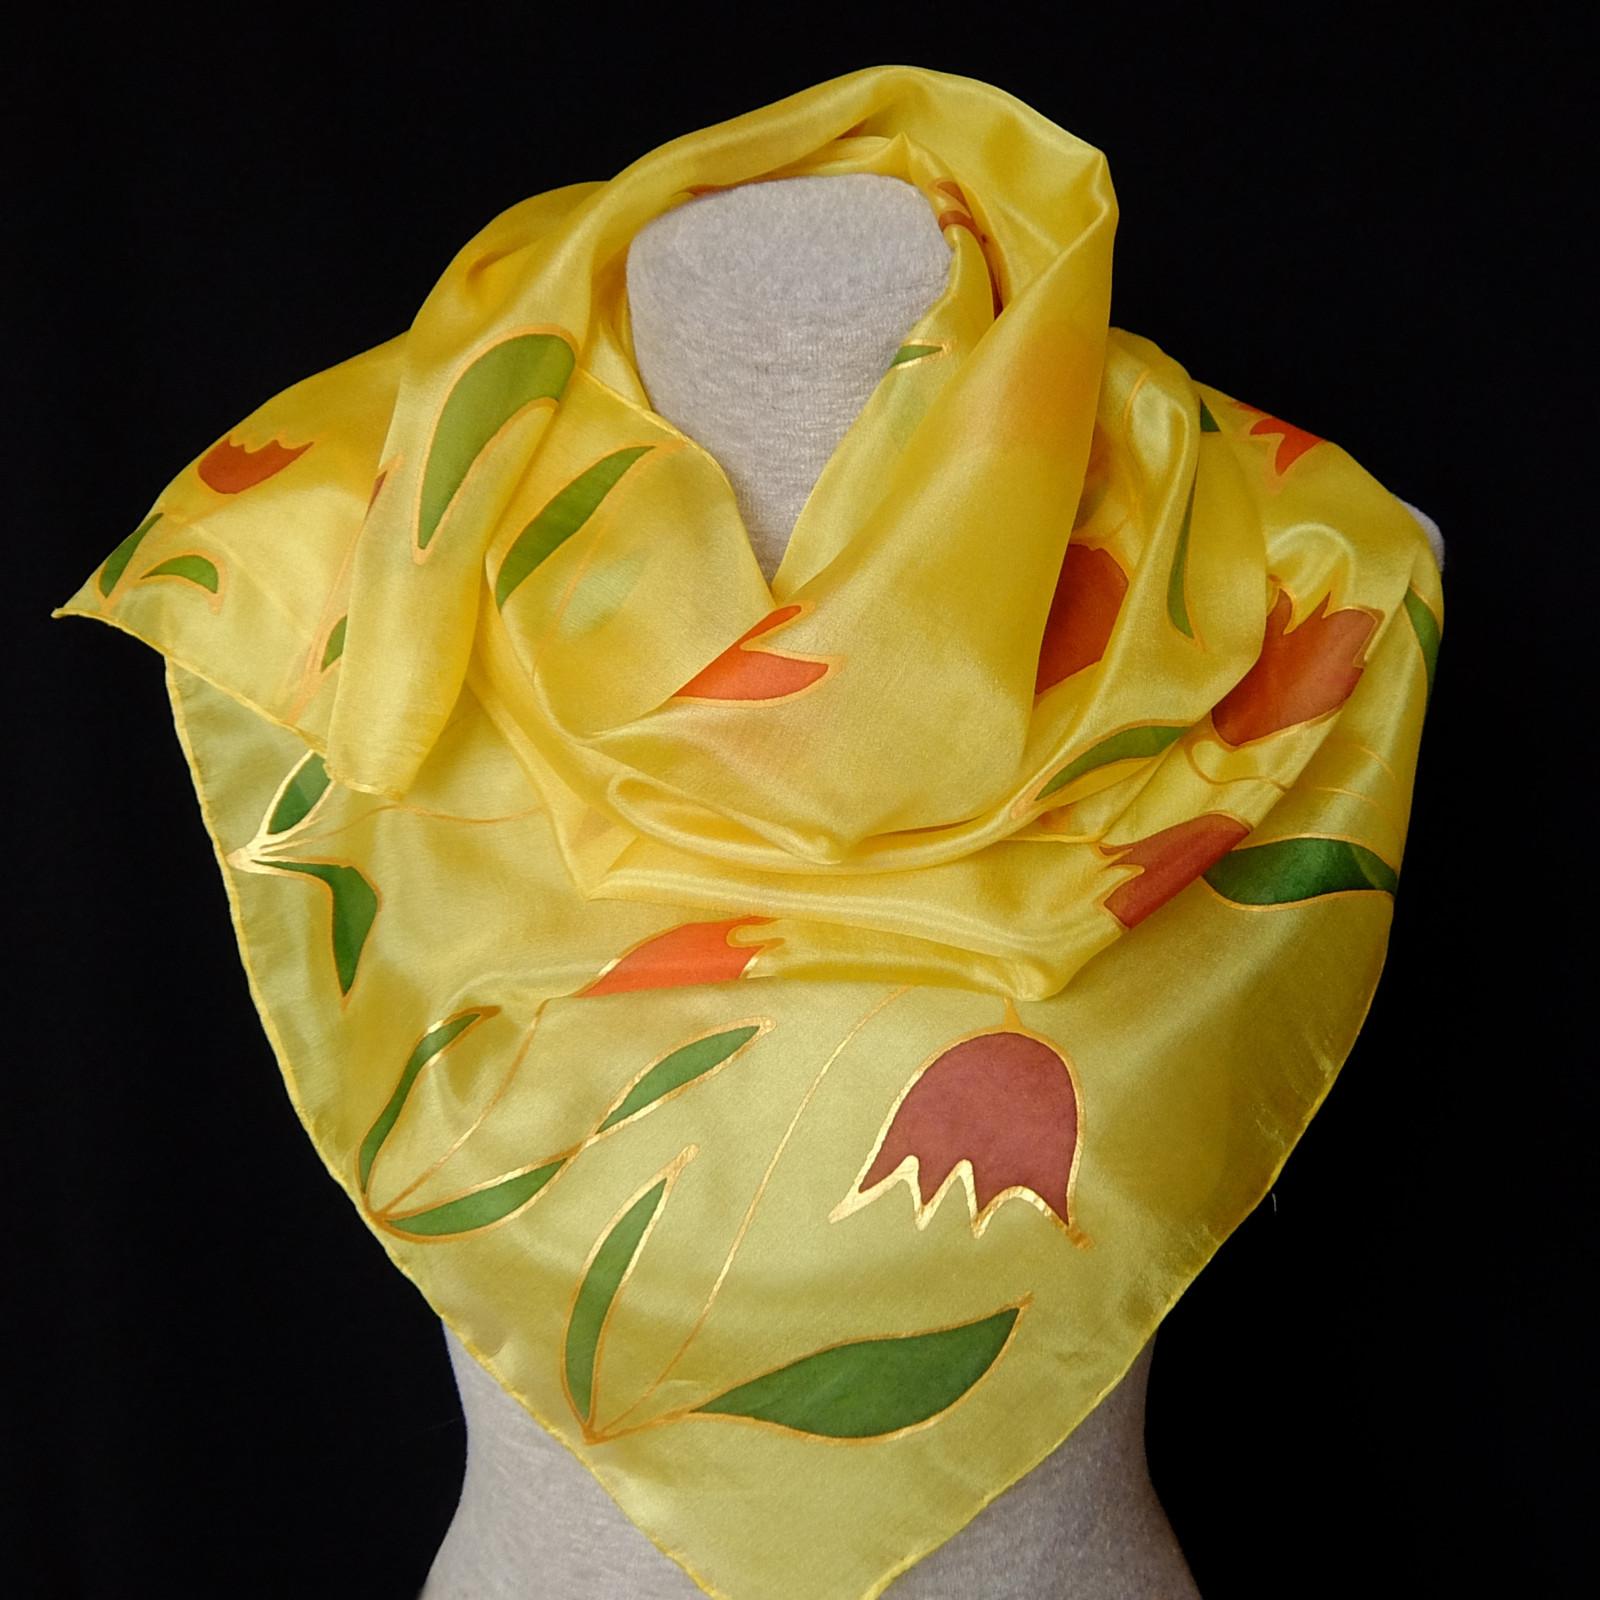 Jarní tulipány - hedvábná šála   Zboží prodejce Monteboo  84d77fb89c